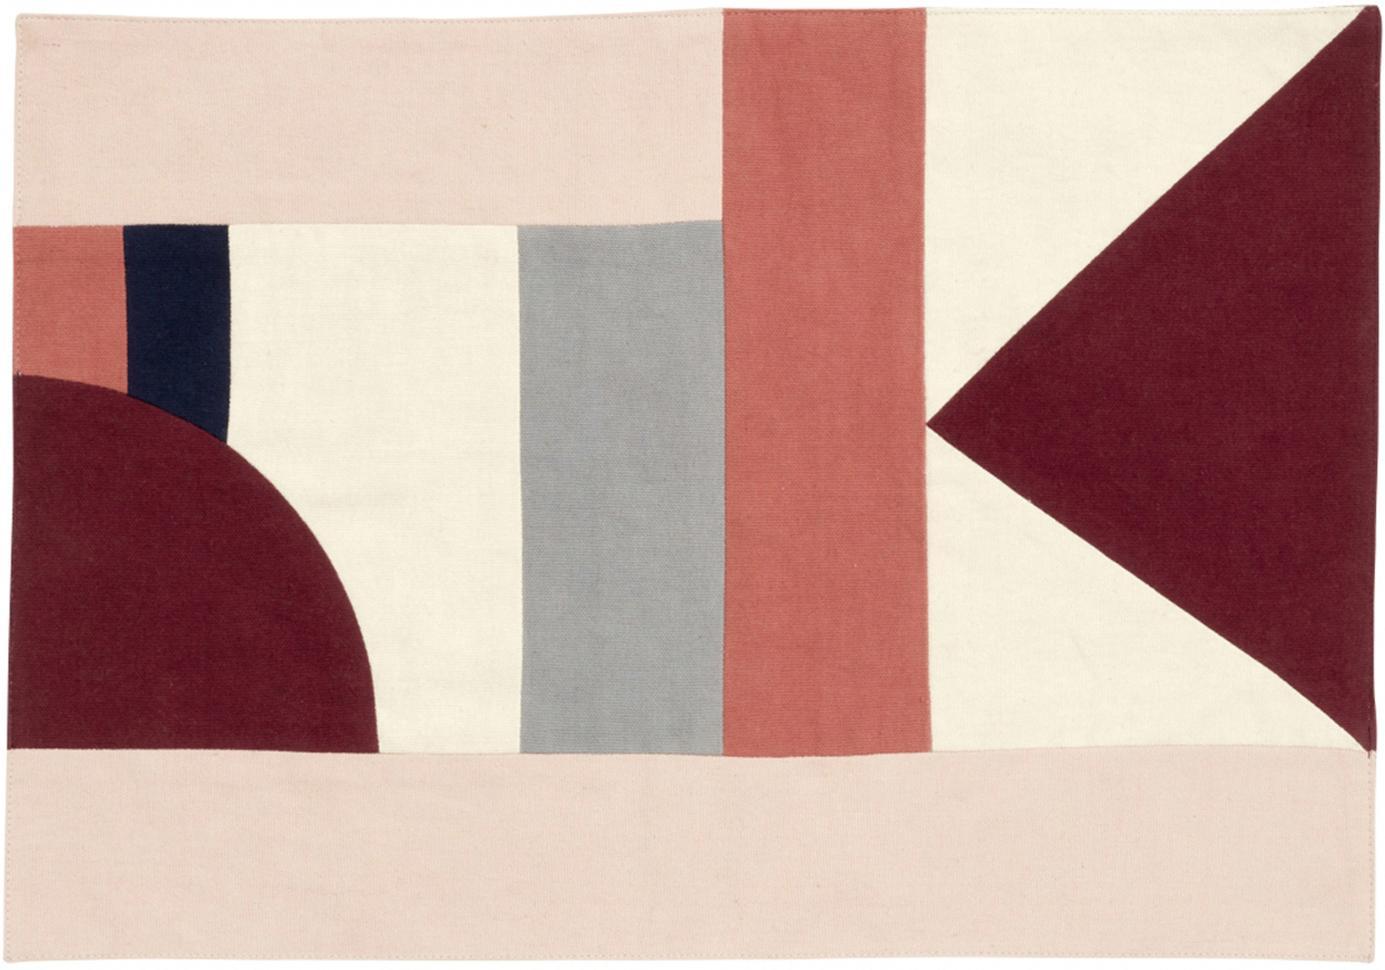 Tovaglietta americana Patchwork 2 pz, Cotone, Tonalità rosse, tonalità beige, nero, Larg. 48 x Lung. 0 cm